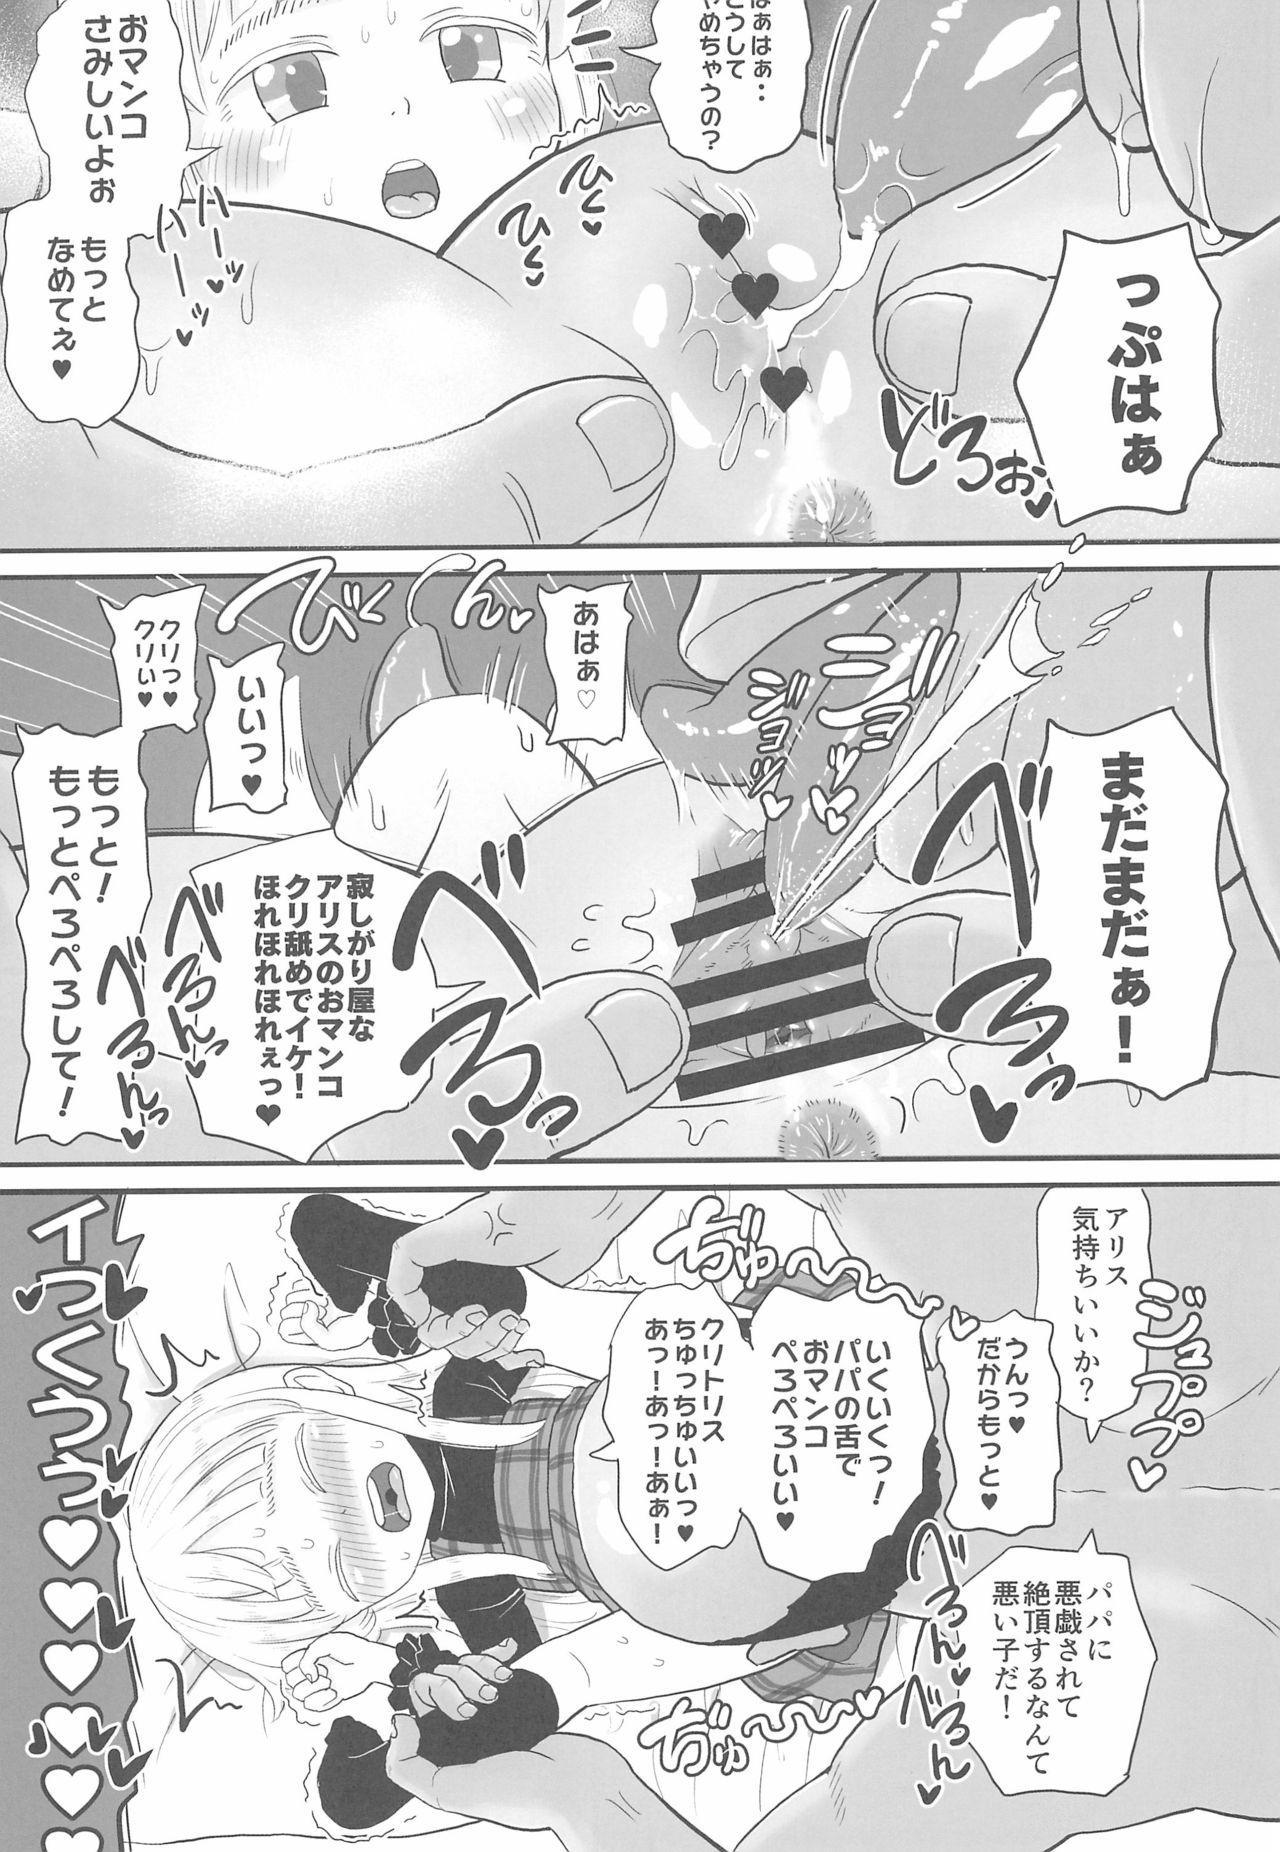 (C97) [botibotiikoka (takku)] Manamusume no Arisu-chan (8yo) ga Rippa na Chinpo-case ni Sodachimashita 8